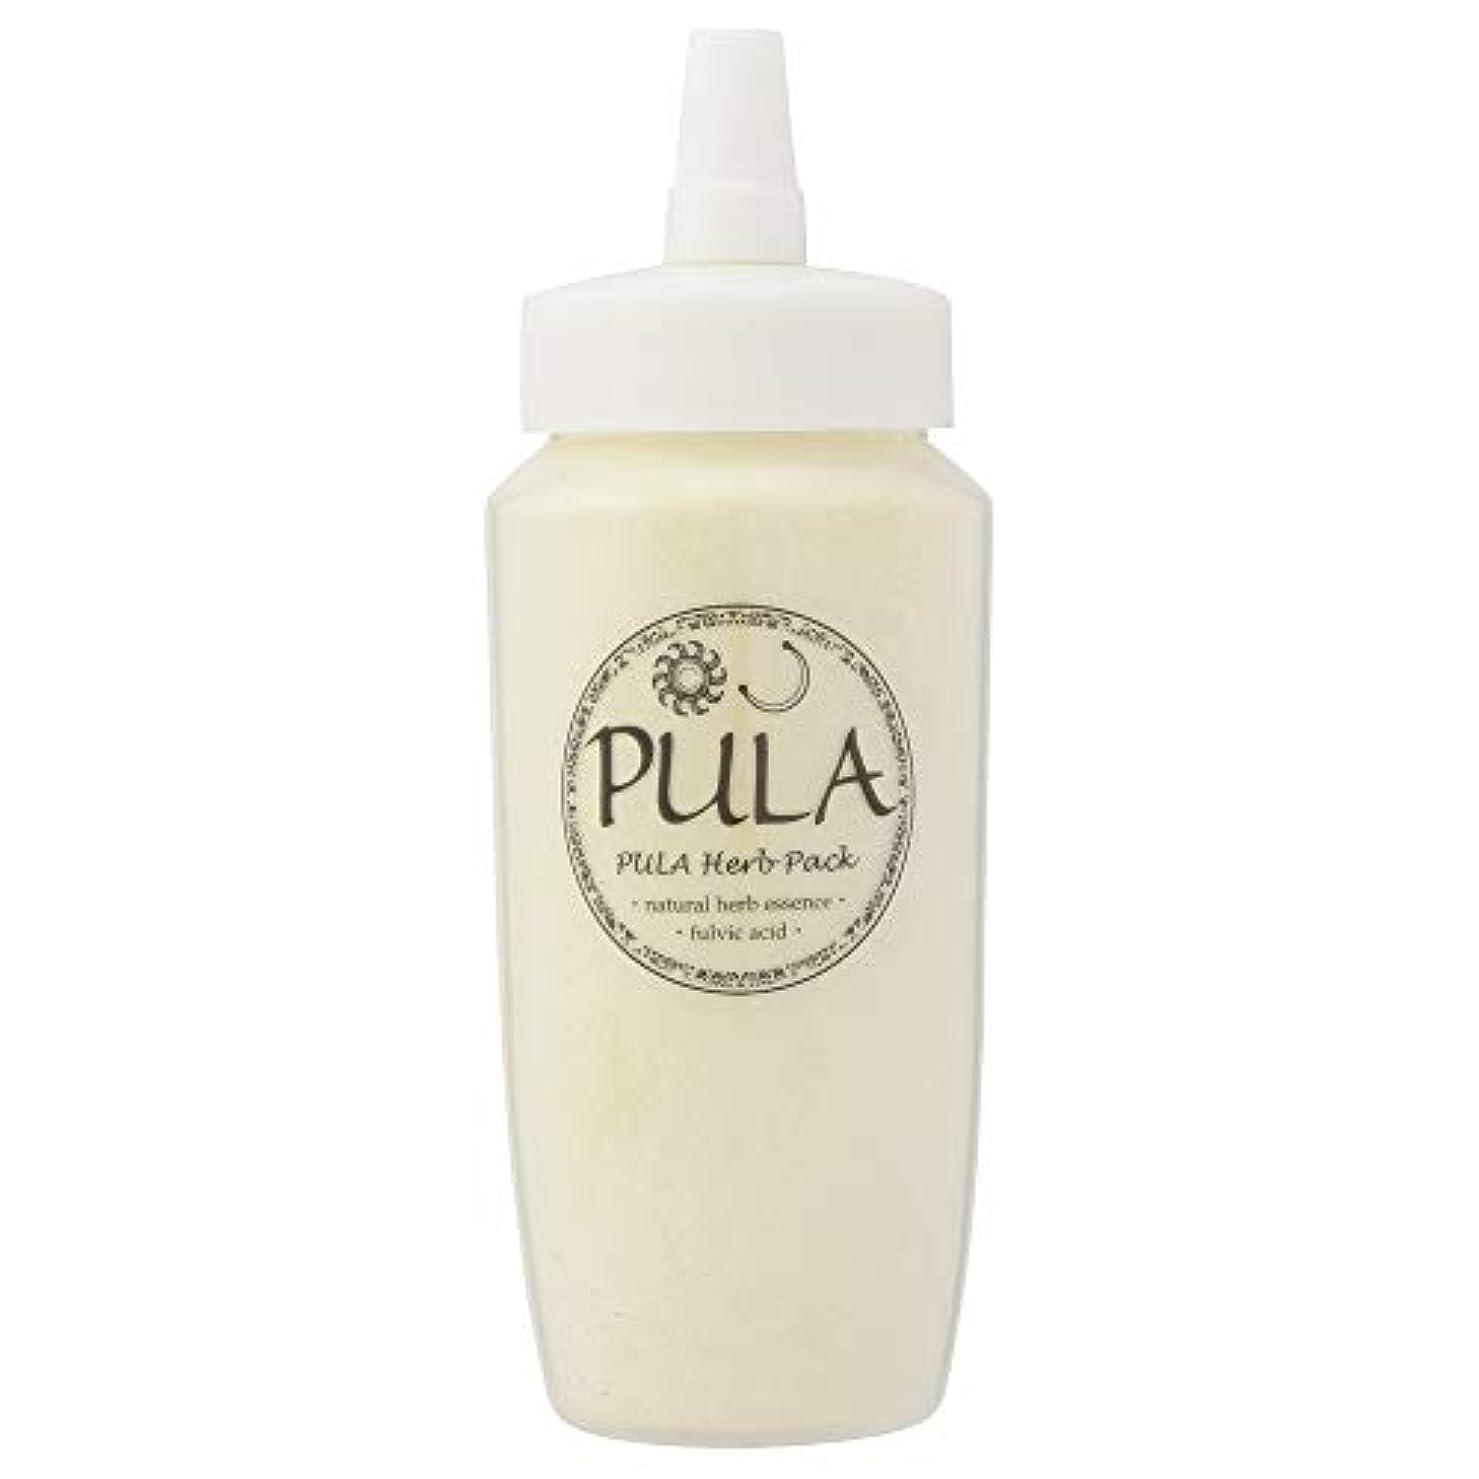 自分のために食器棚ダースプーラ ハーブパック 200g (頭皮用パック)【ハーブ&フルボ酸】 ヘッドスパ専門店 PULA 100%自然由来配合